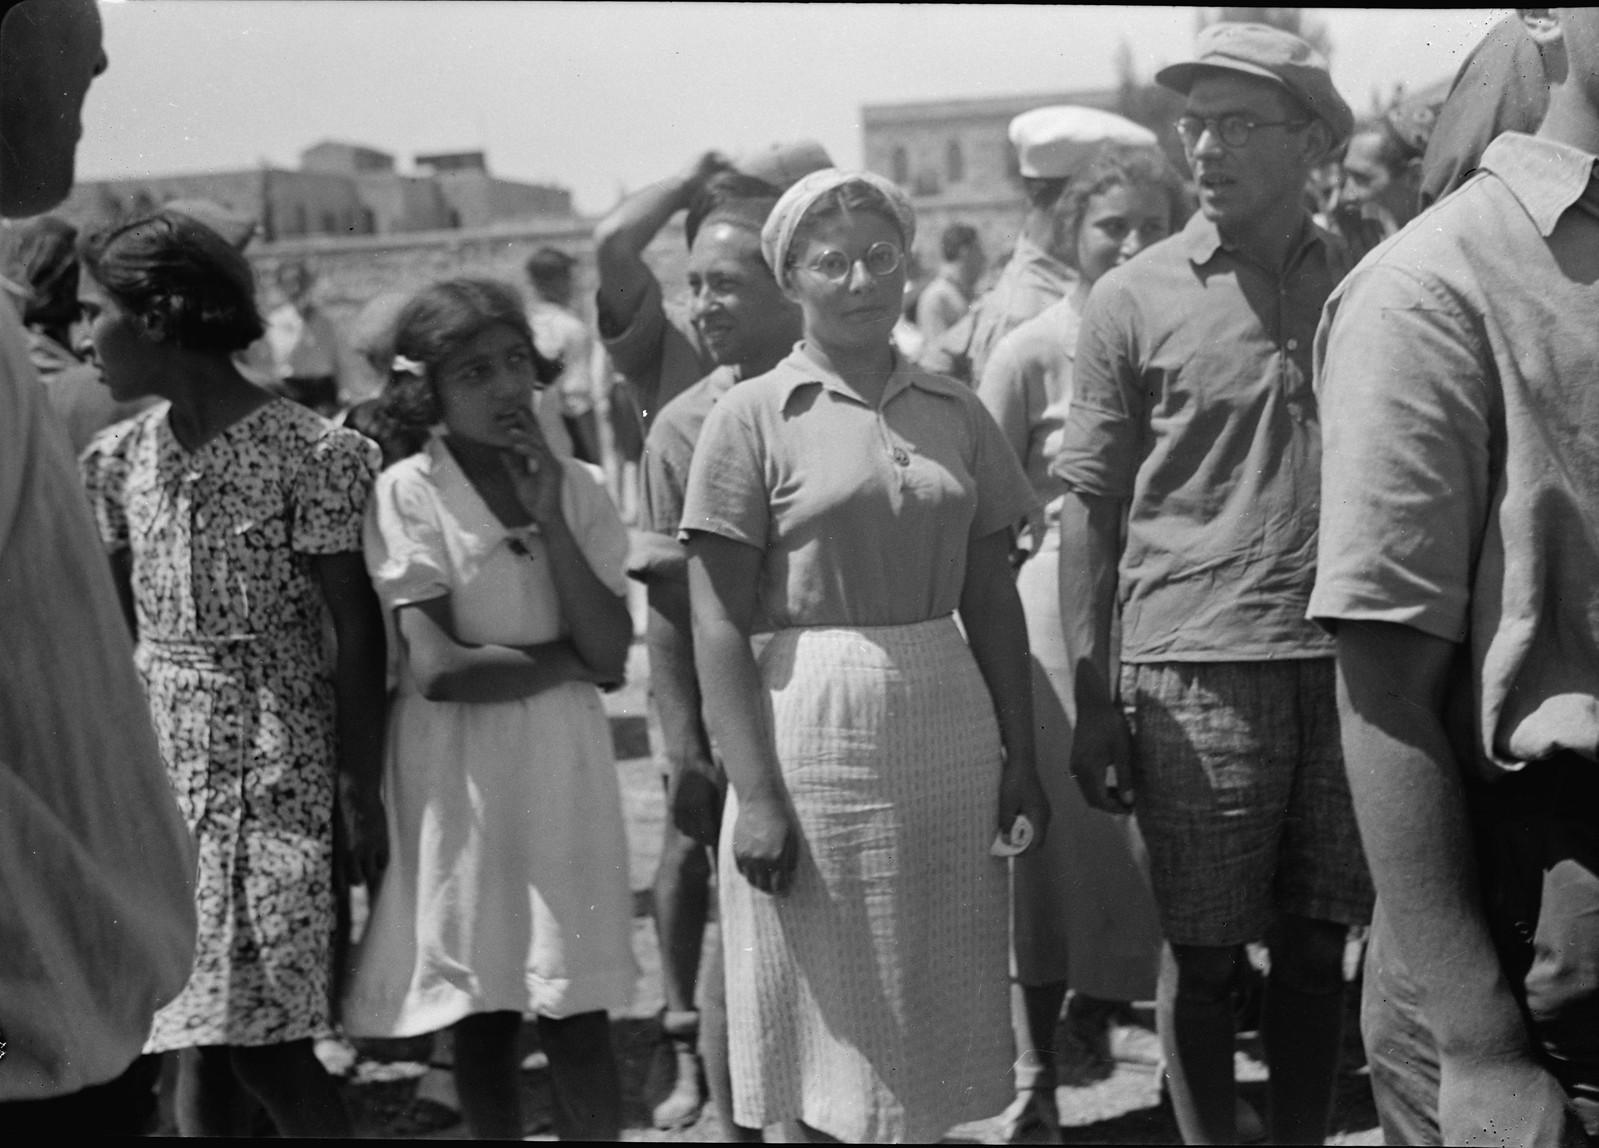 02. Юноши и девушки во время демонстрации на улице Кинг Джордж